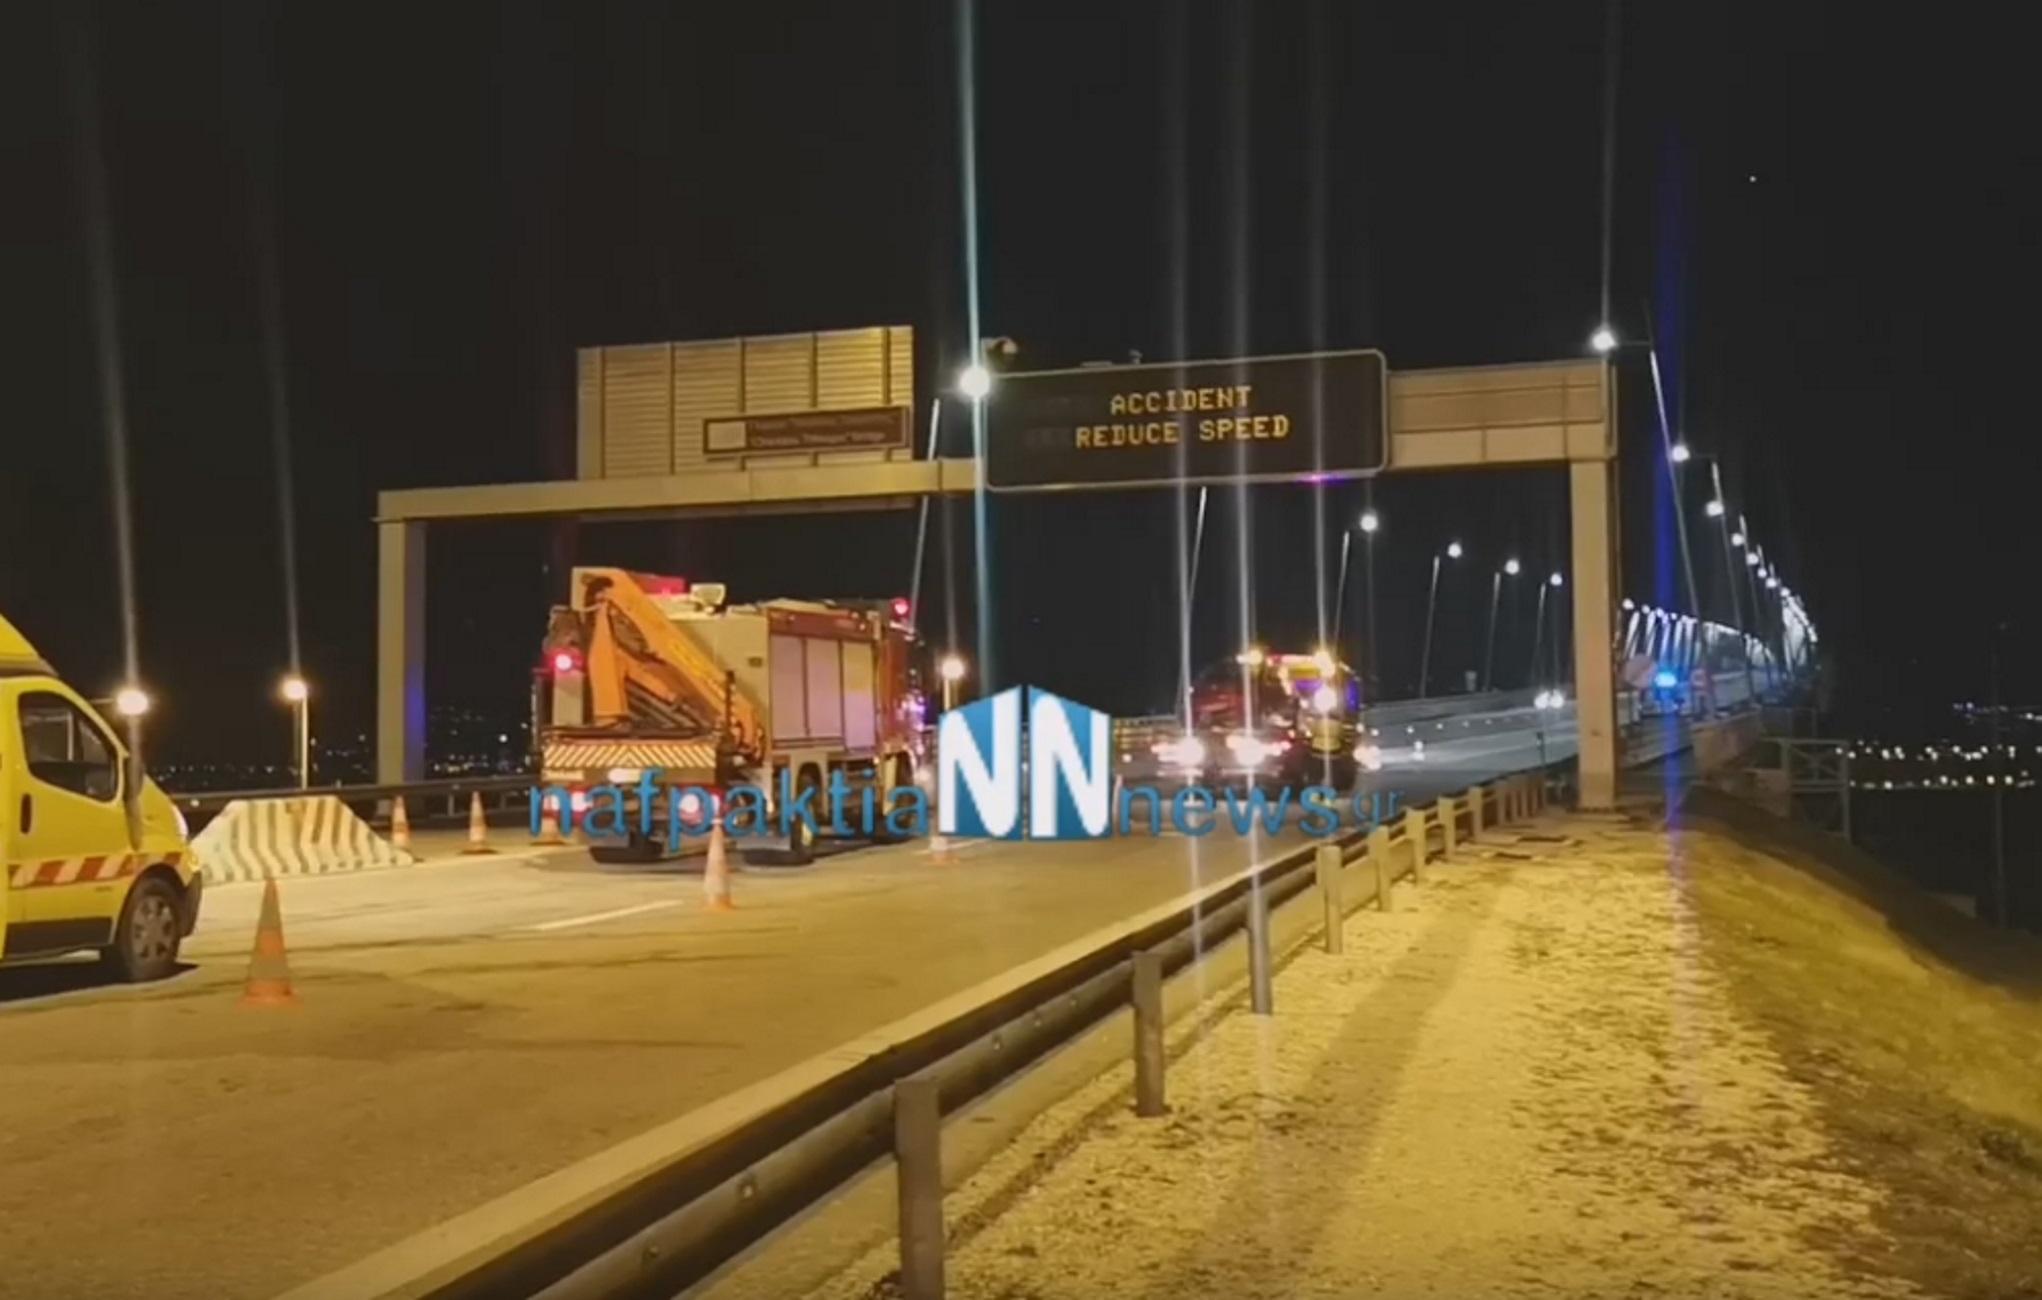 Δυτική Ελλάδα: Ανατροπή αυτοκινήτου στη γέφυρα Ρίου Αντιρρίου! Οι πρώτες εικόνες [video]